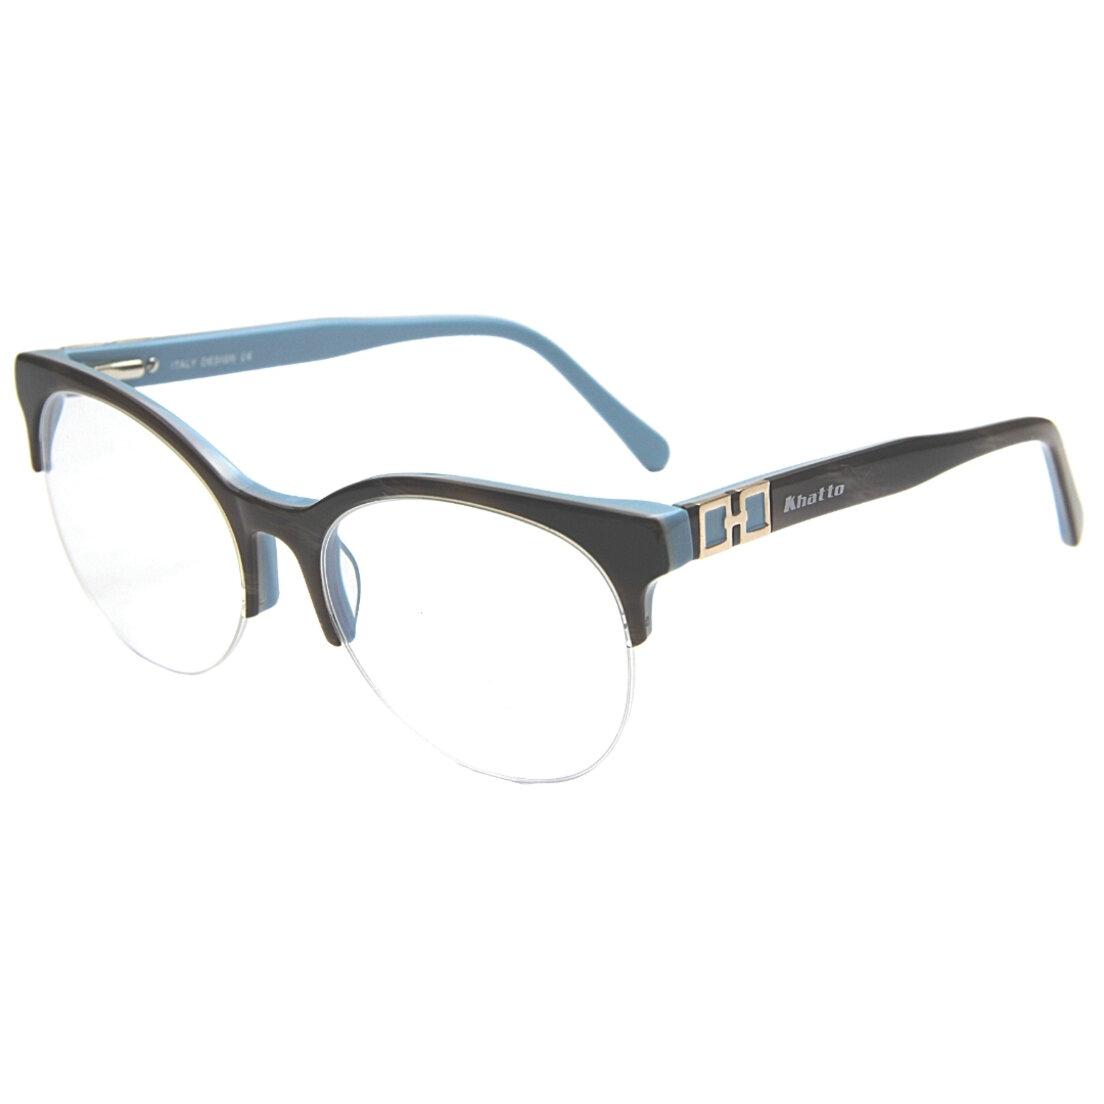 Armação de Óculos Khatto Chic Chic Club Round Italiano - C039